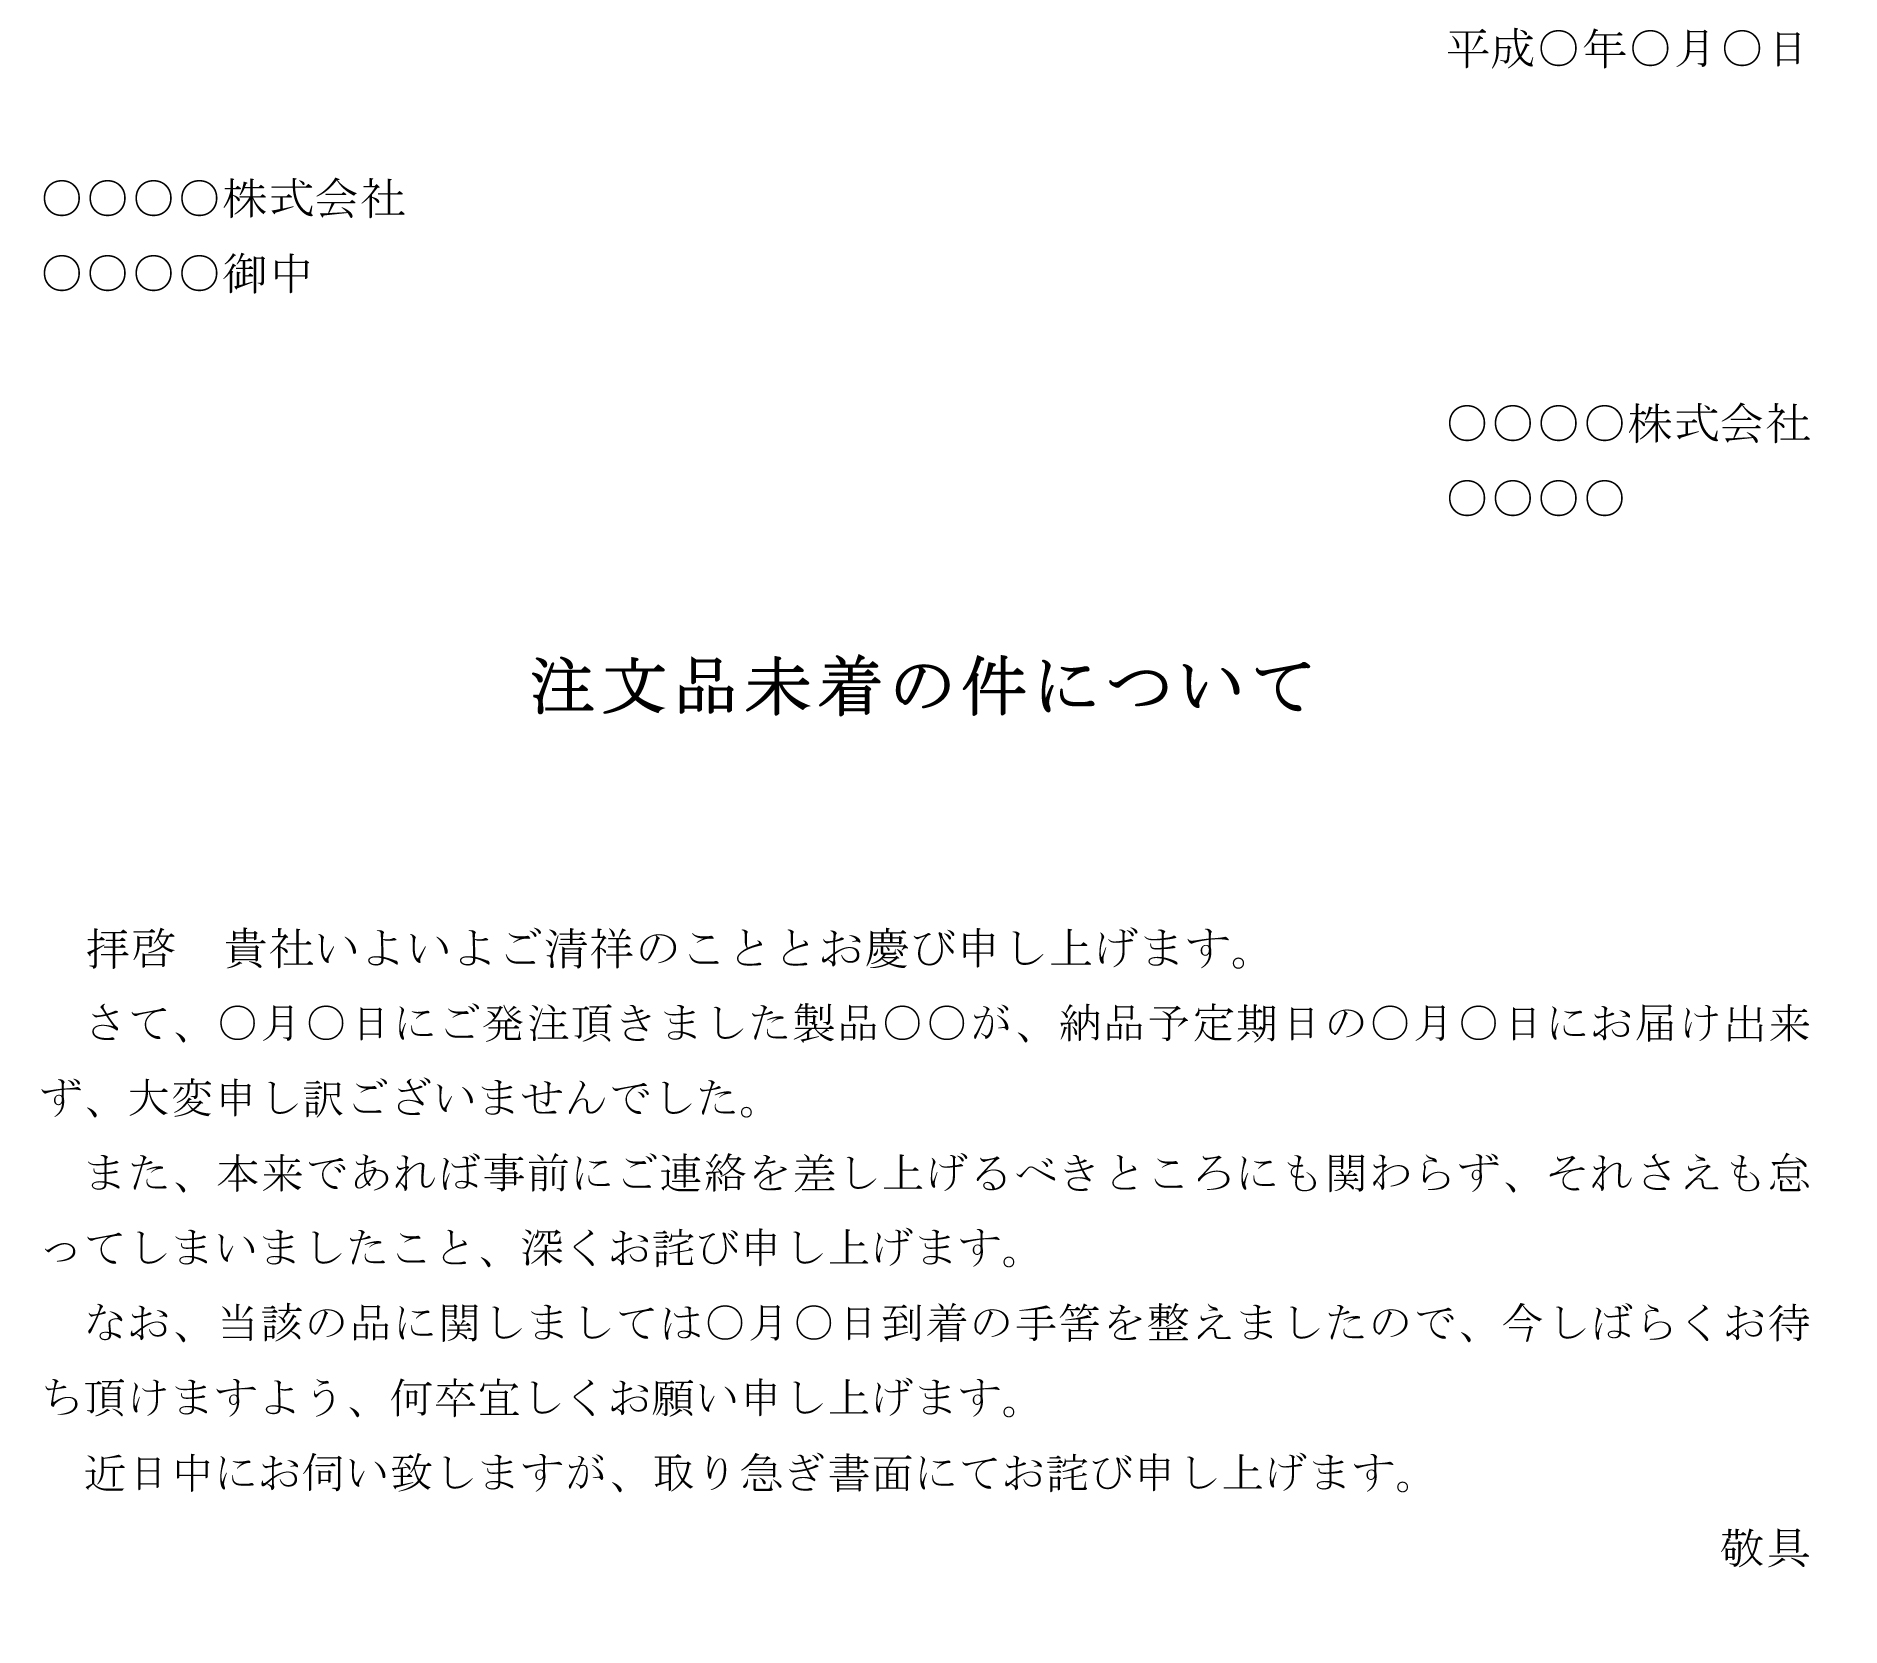 お詫び状(注文品未着)